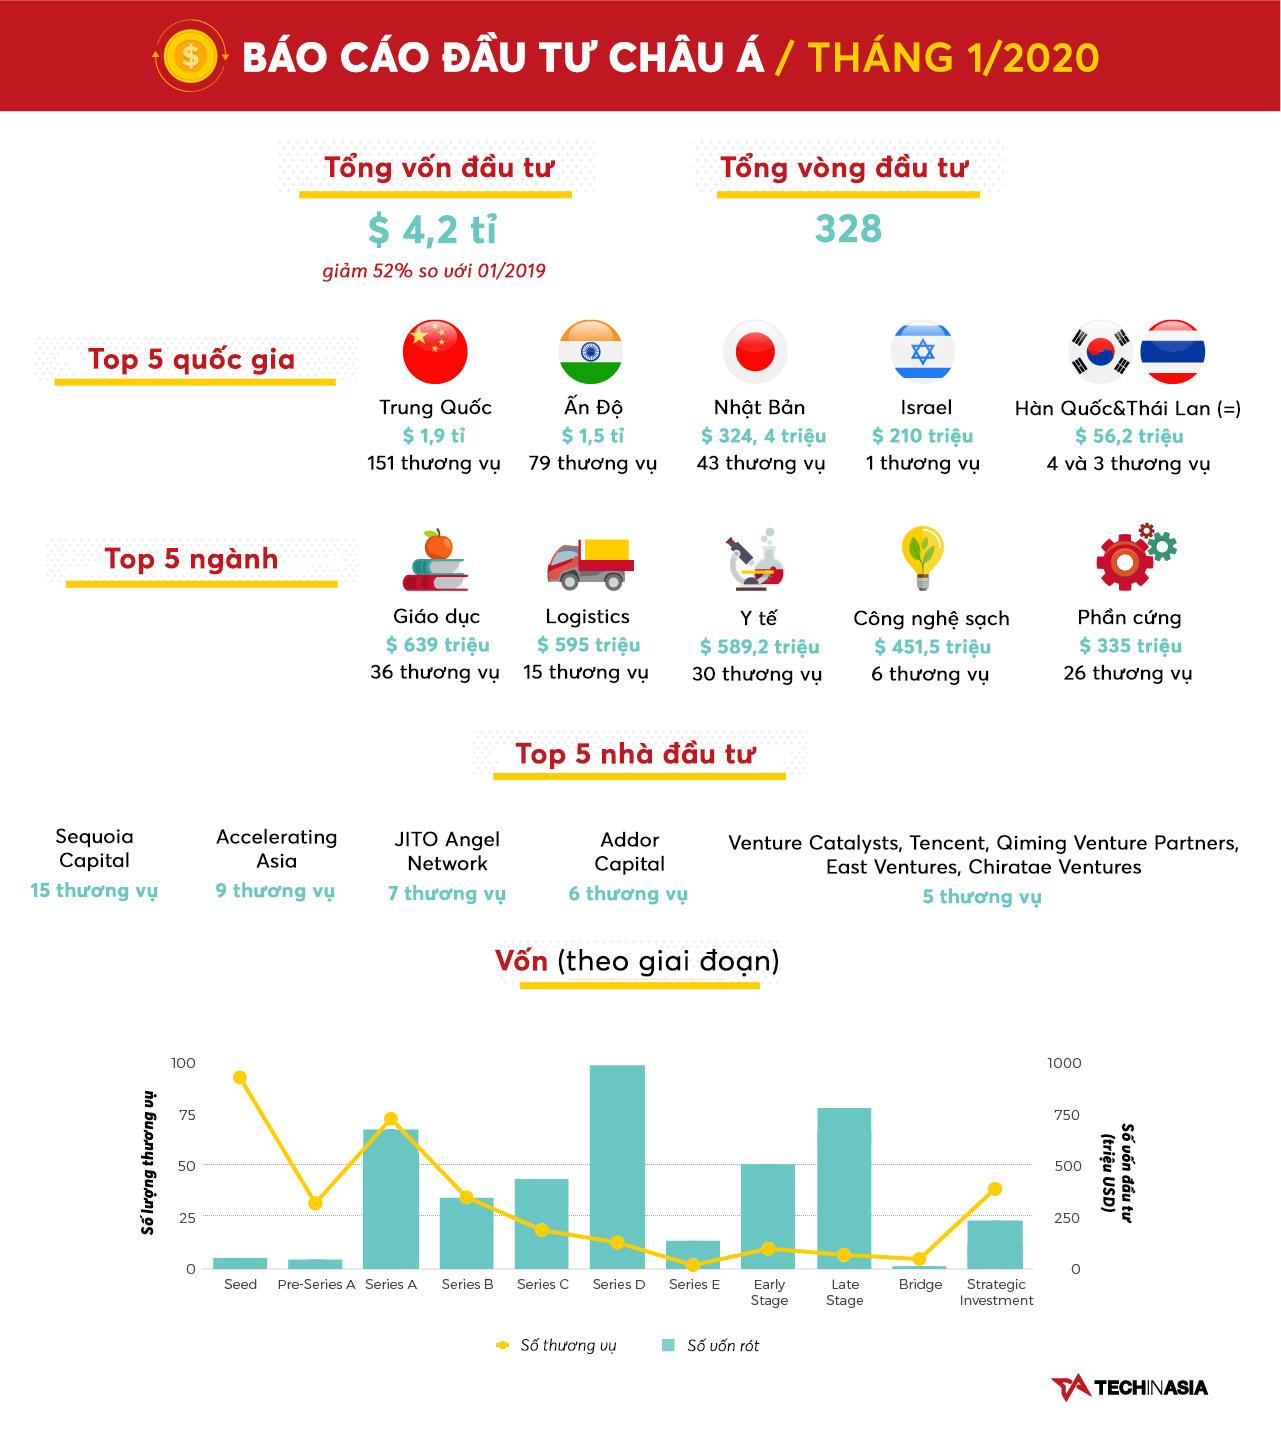 [Infographic] Vốn đầu tư giảm mạnh, mùa đông đang đến với các startup công nghệ Châu Á - Ảnh 1.